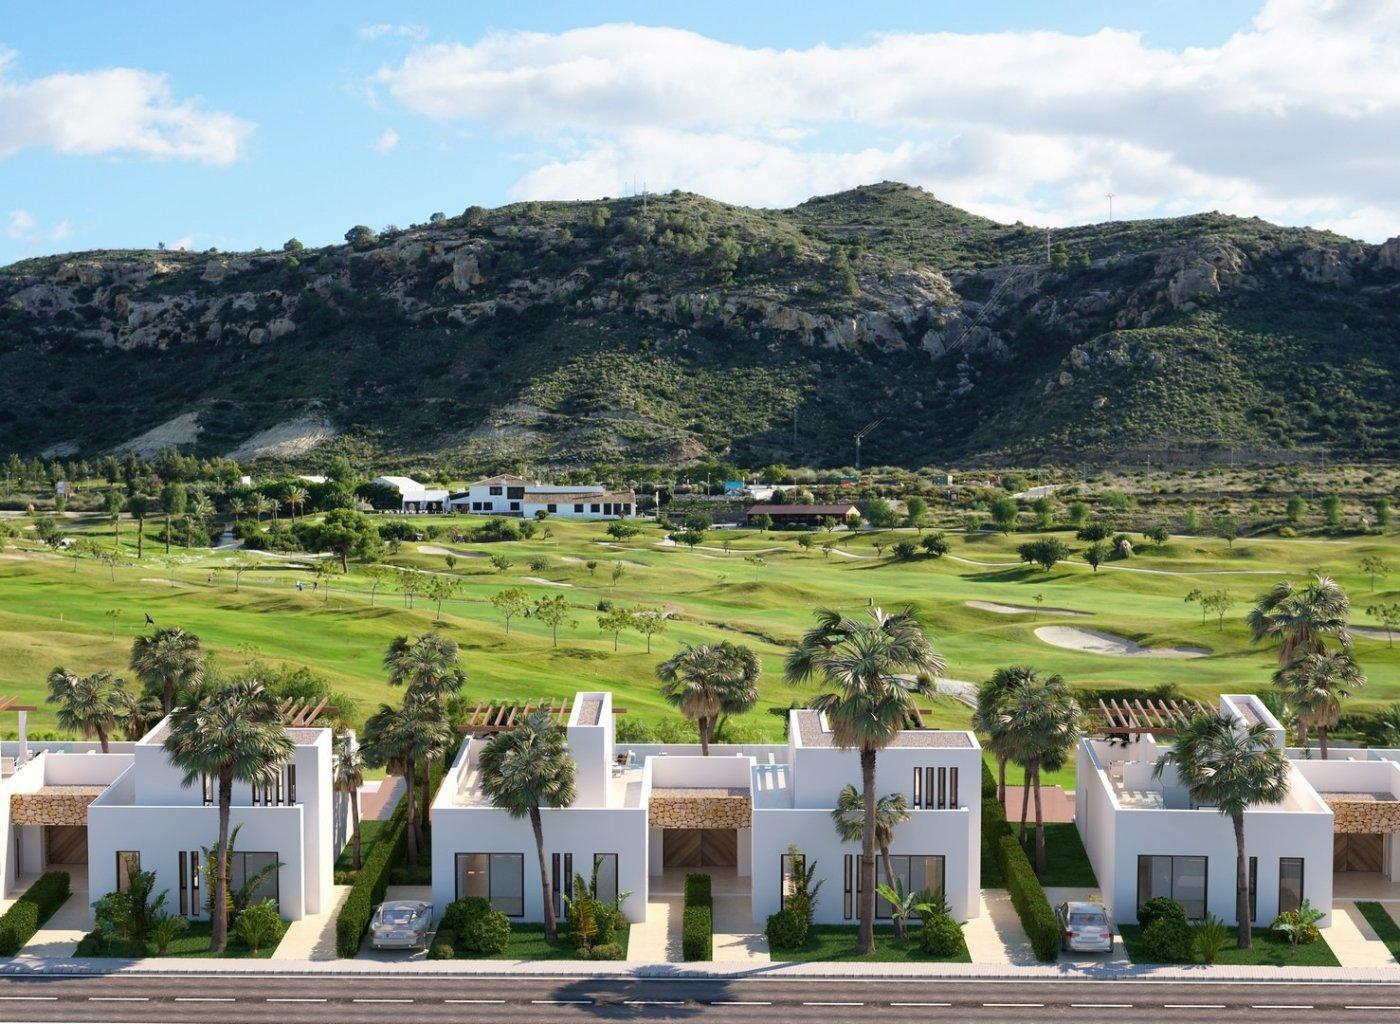 Villas en primera lÍnea de golf en font del llop - imagenInmueble1